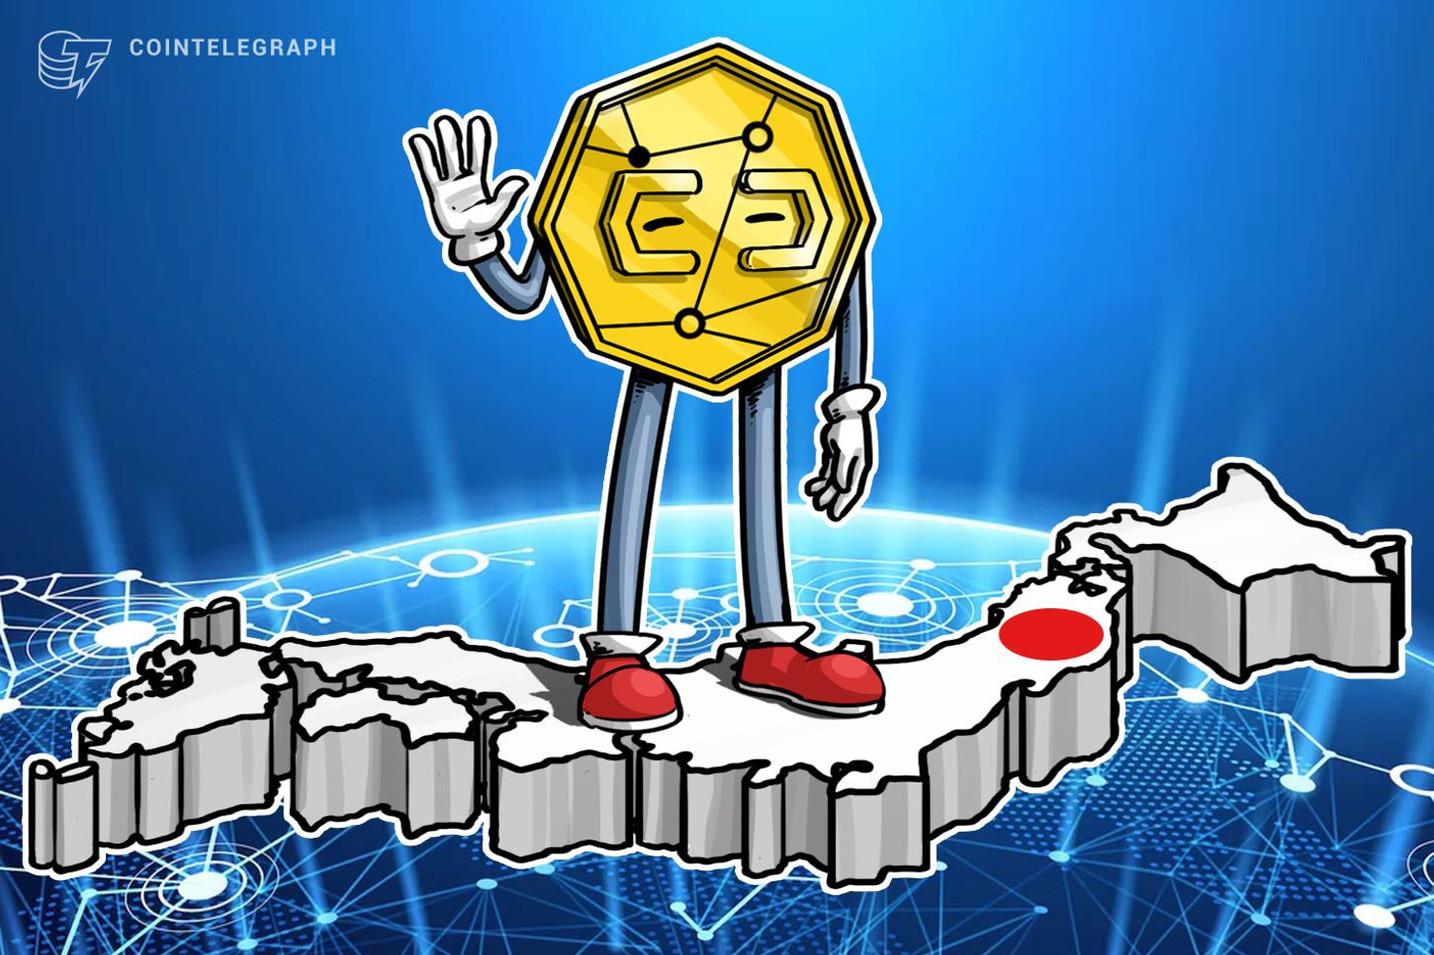 金融庁、来年3月に国際ブロックチェーンカンファレンスを開催へ ビットコインやイーサリアム開発者と対話期待【ニュース】